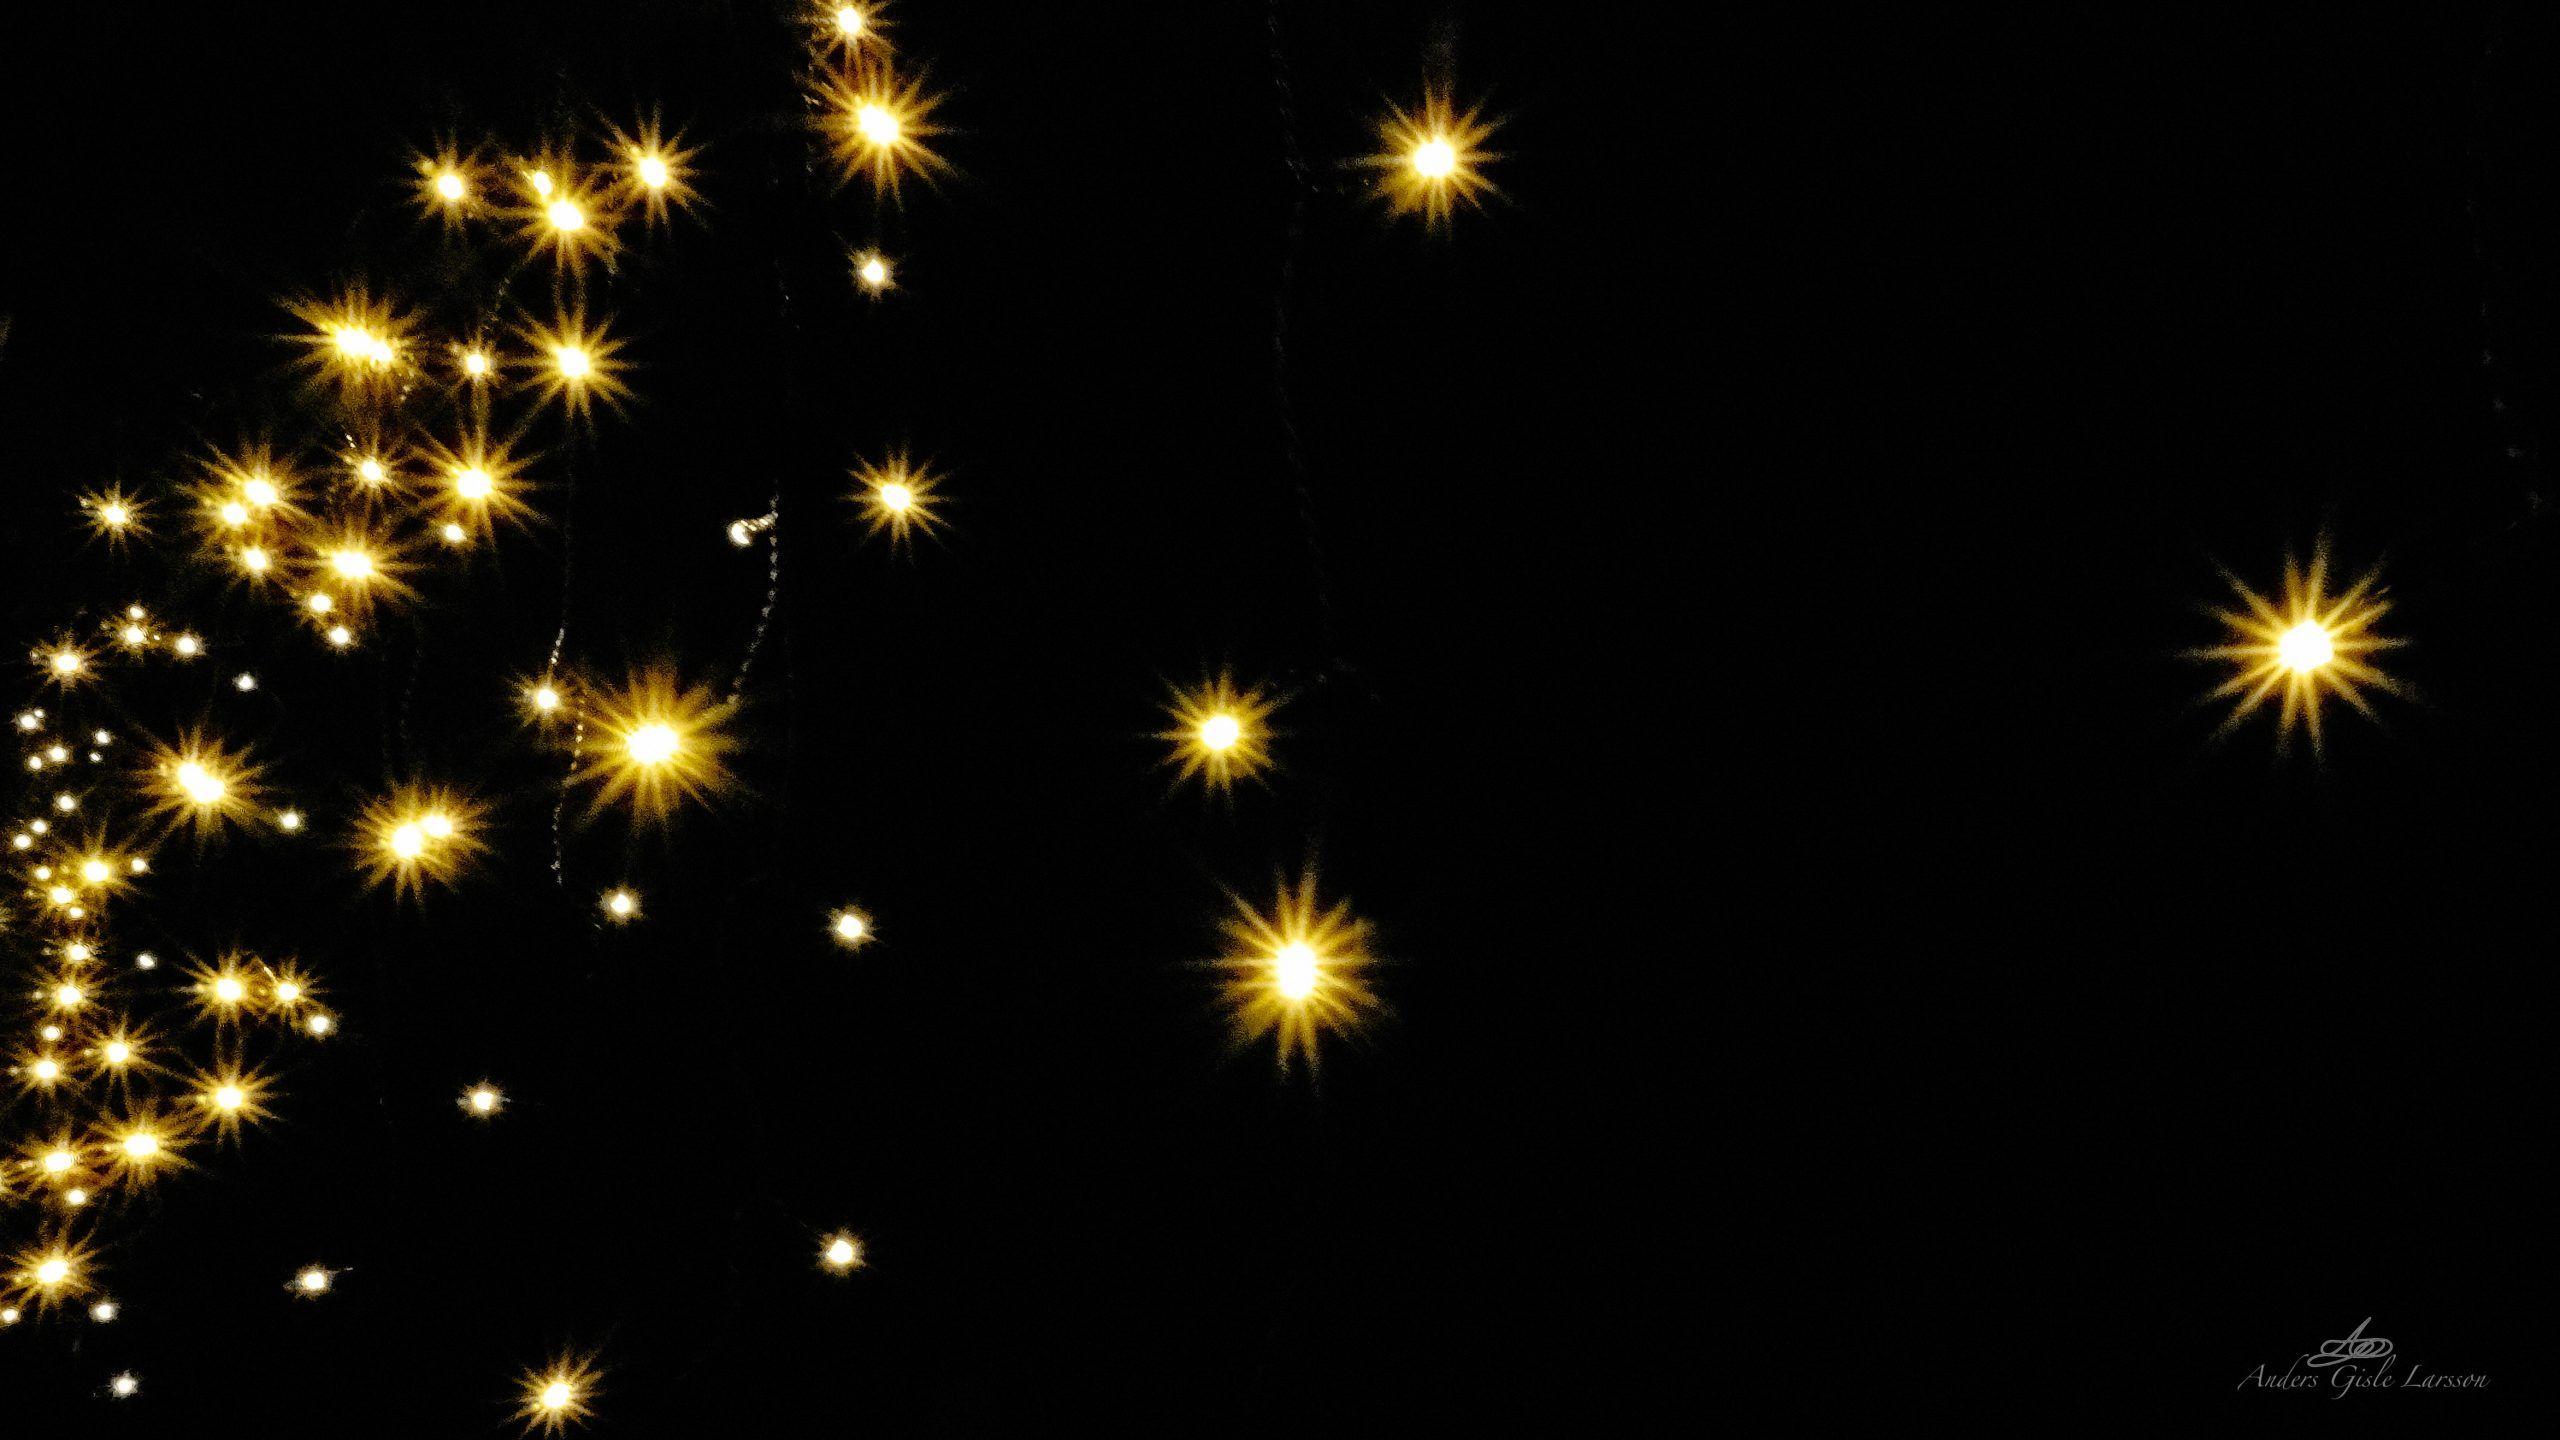 Stardust, 345/365, Uge 50, Lemvig